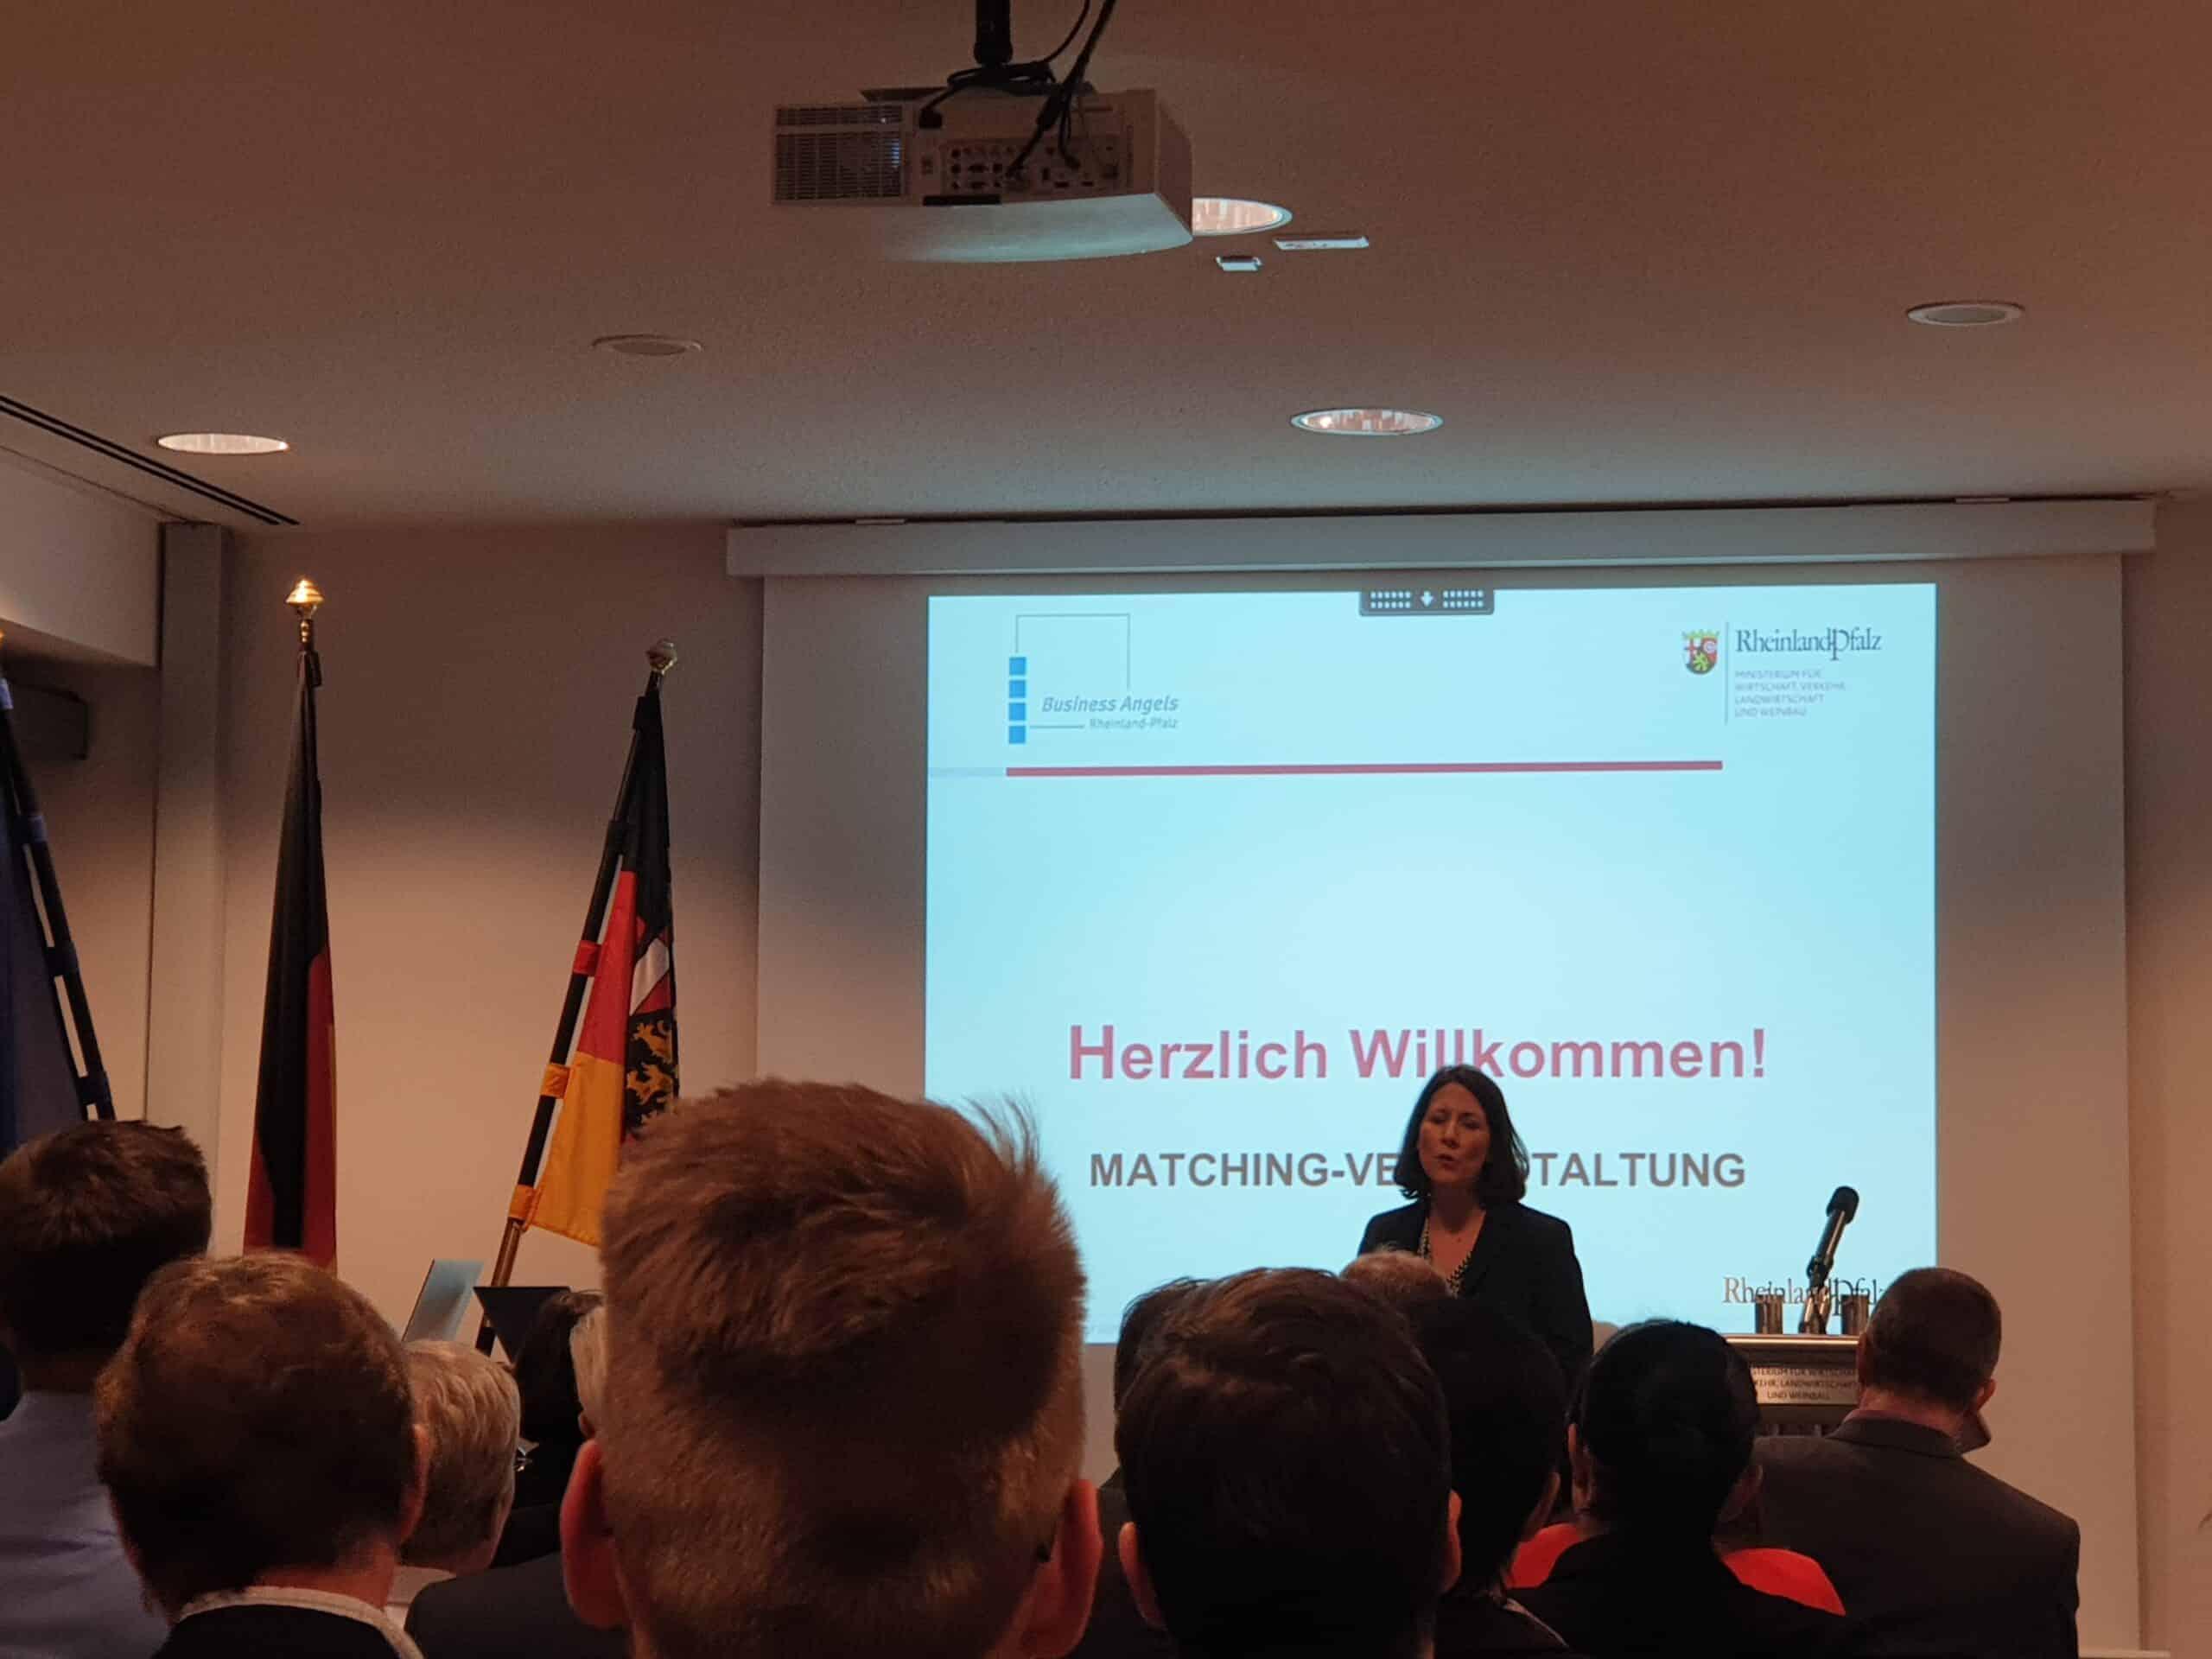 1. Business Angels Veranstaltung 2020 im Wirtschaftsministerium in Mainz